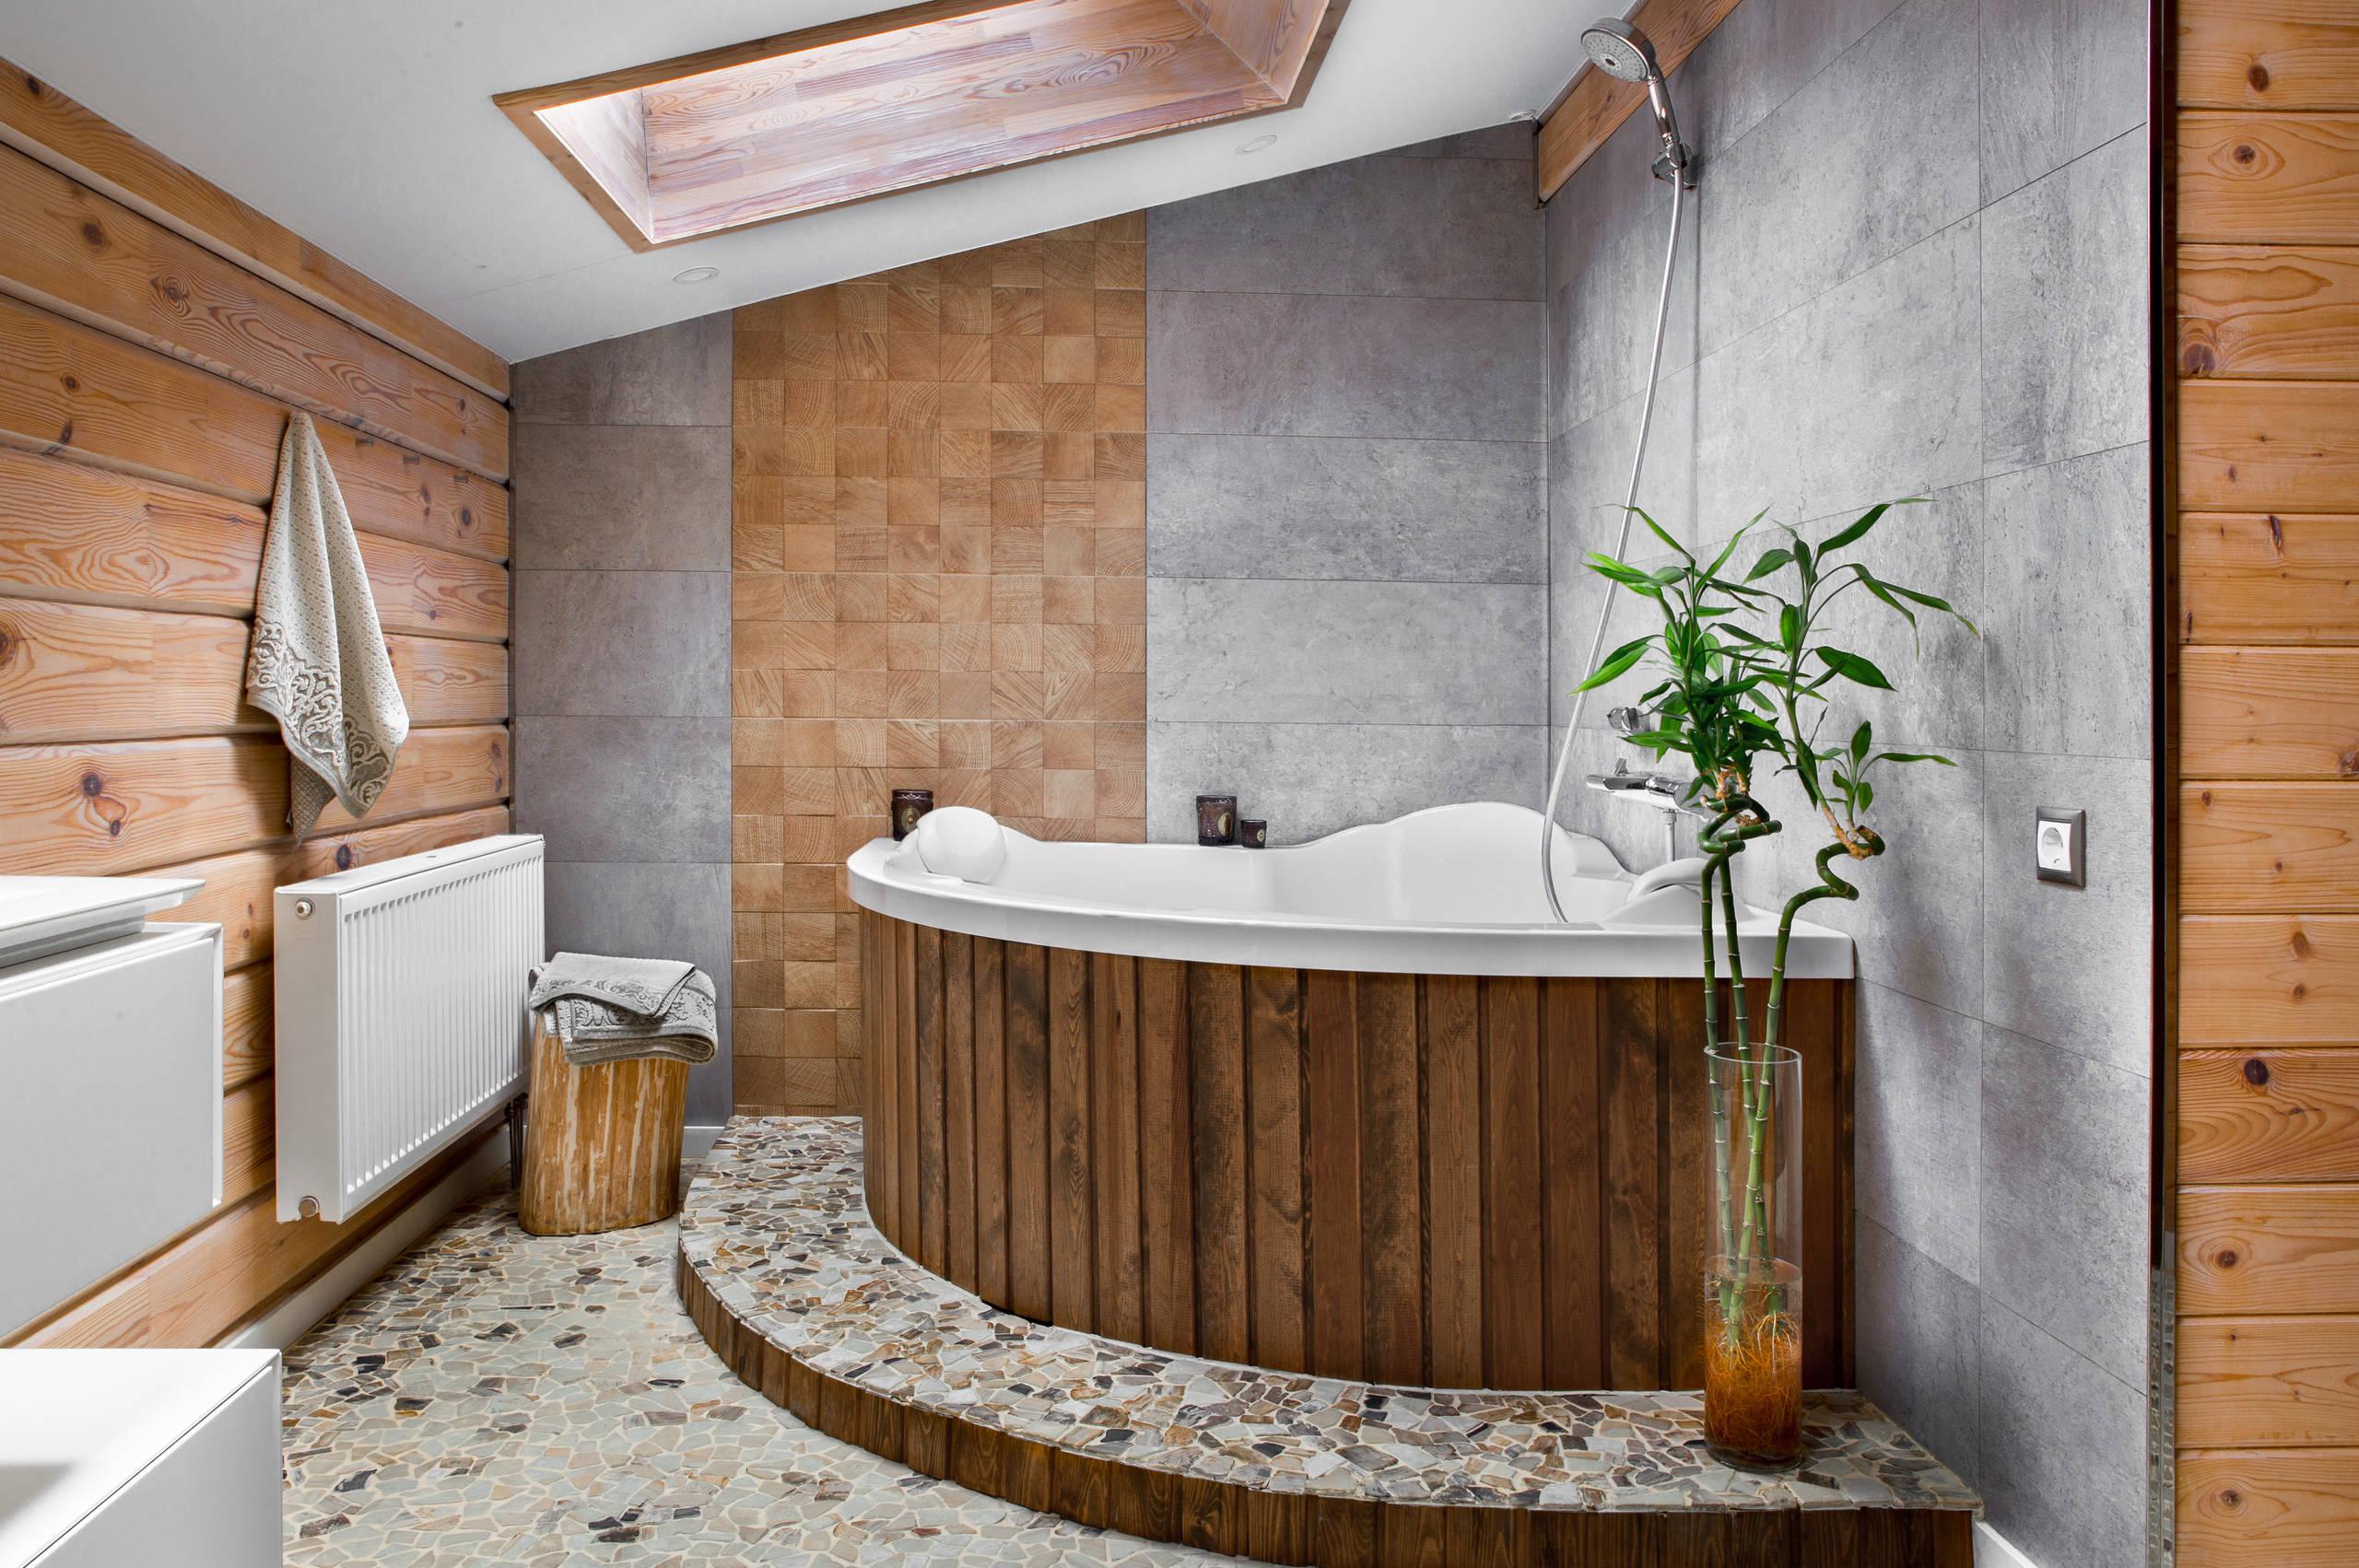 Ванная комната с деревянными вставками